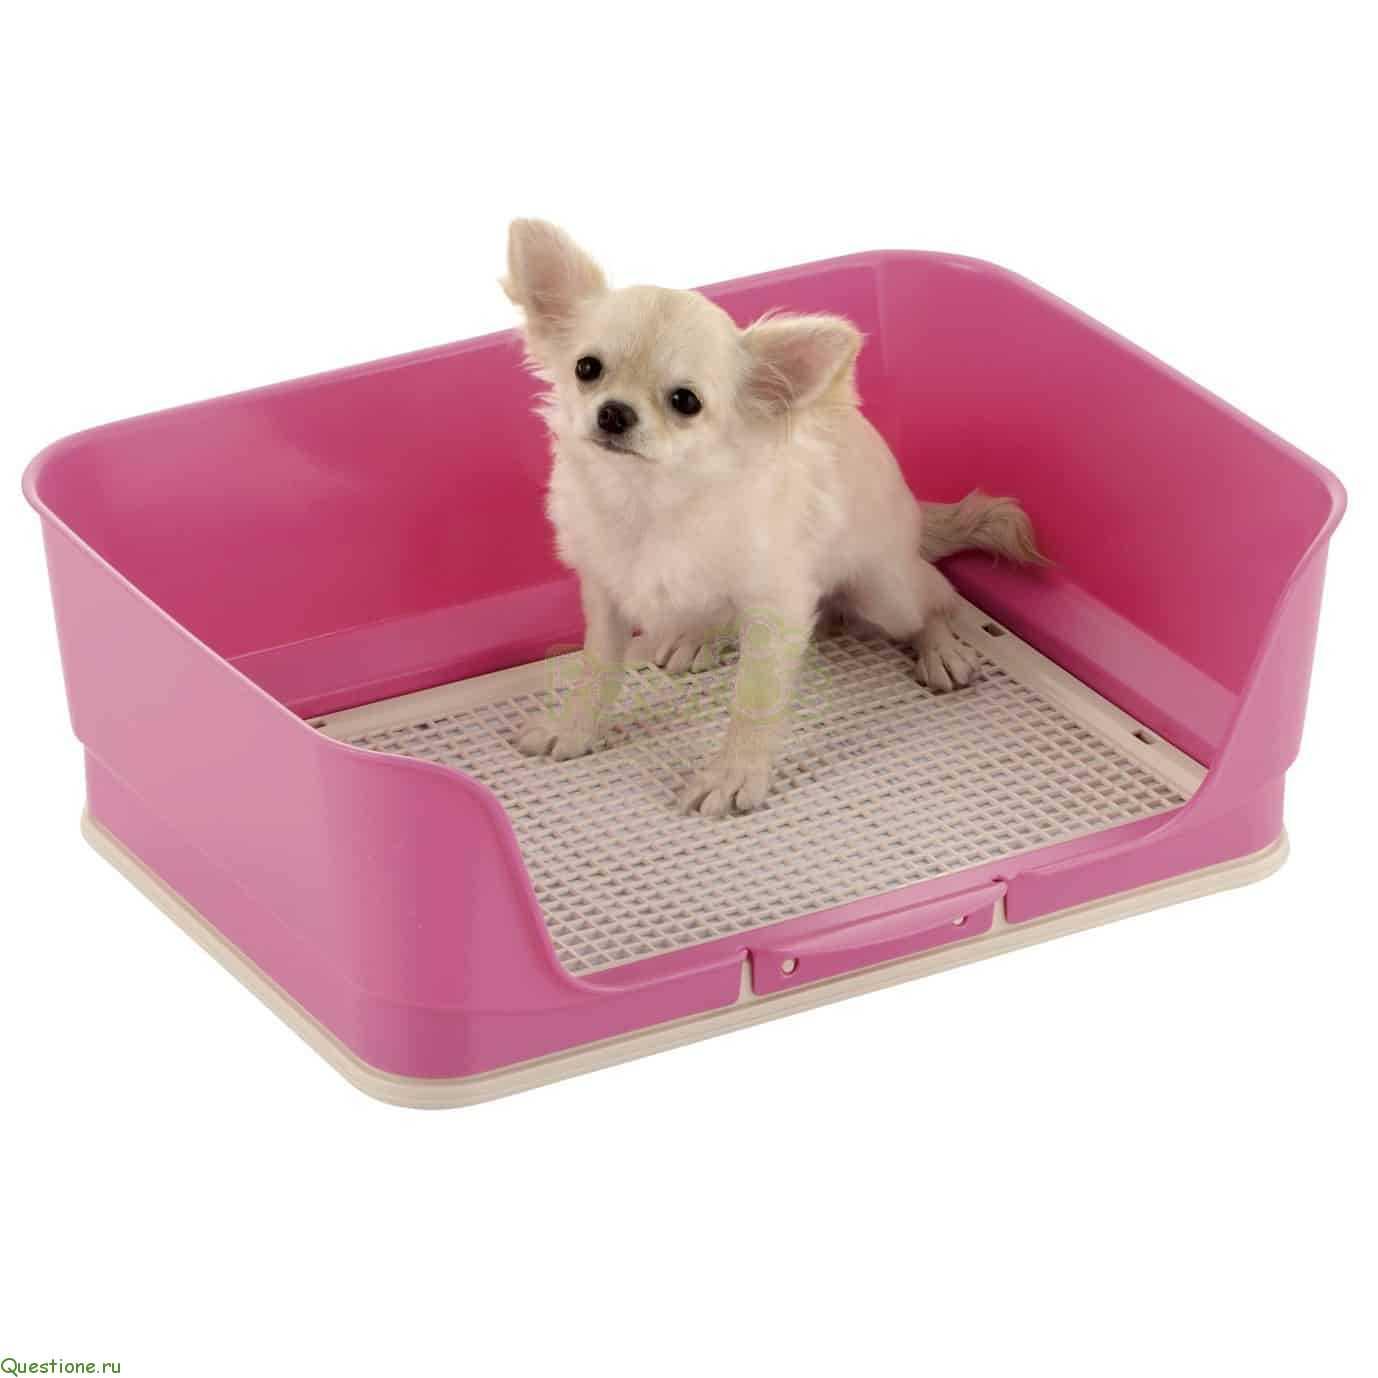 Для не очен аккуратных собак или просто для защиты стен, есть собачьи лотки с бортами.